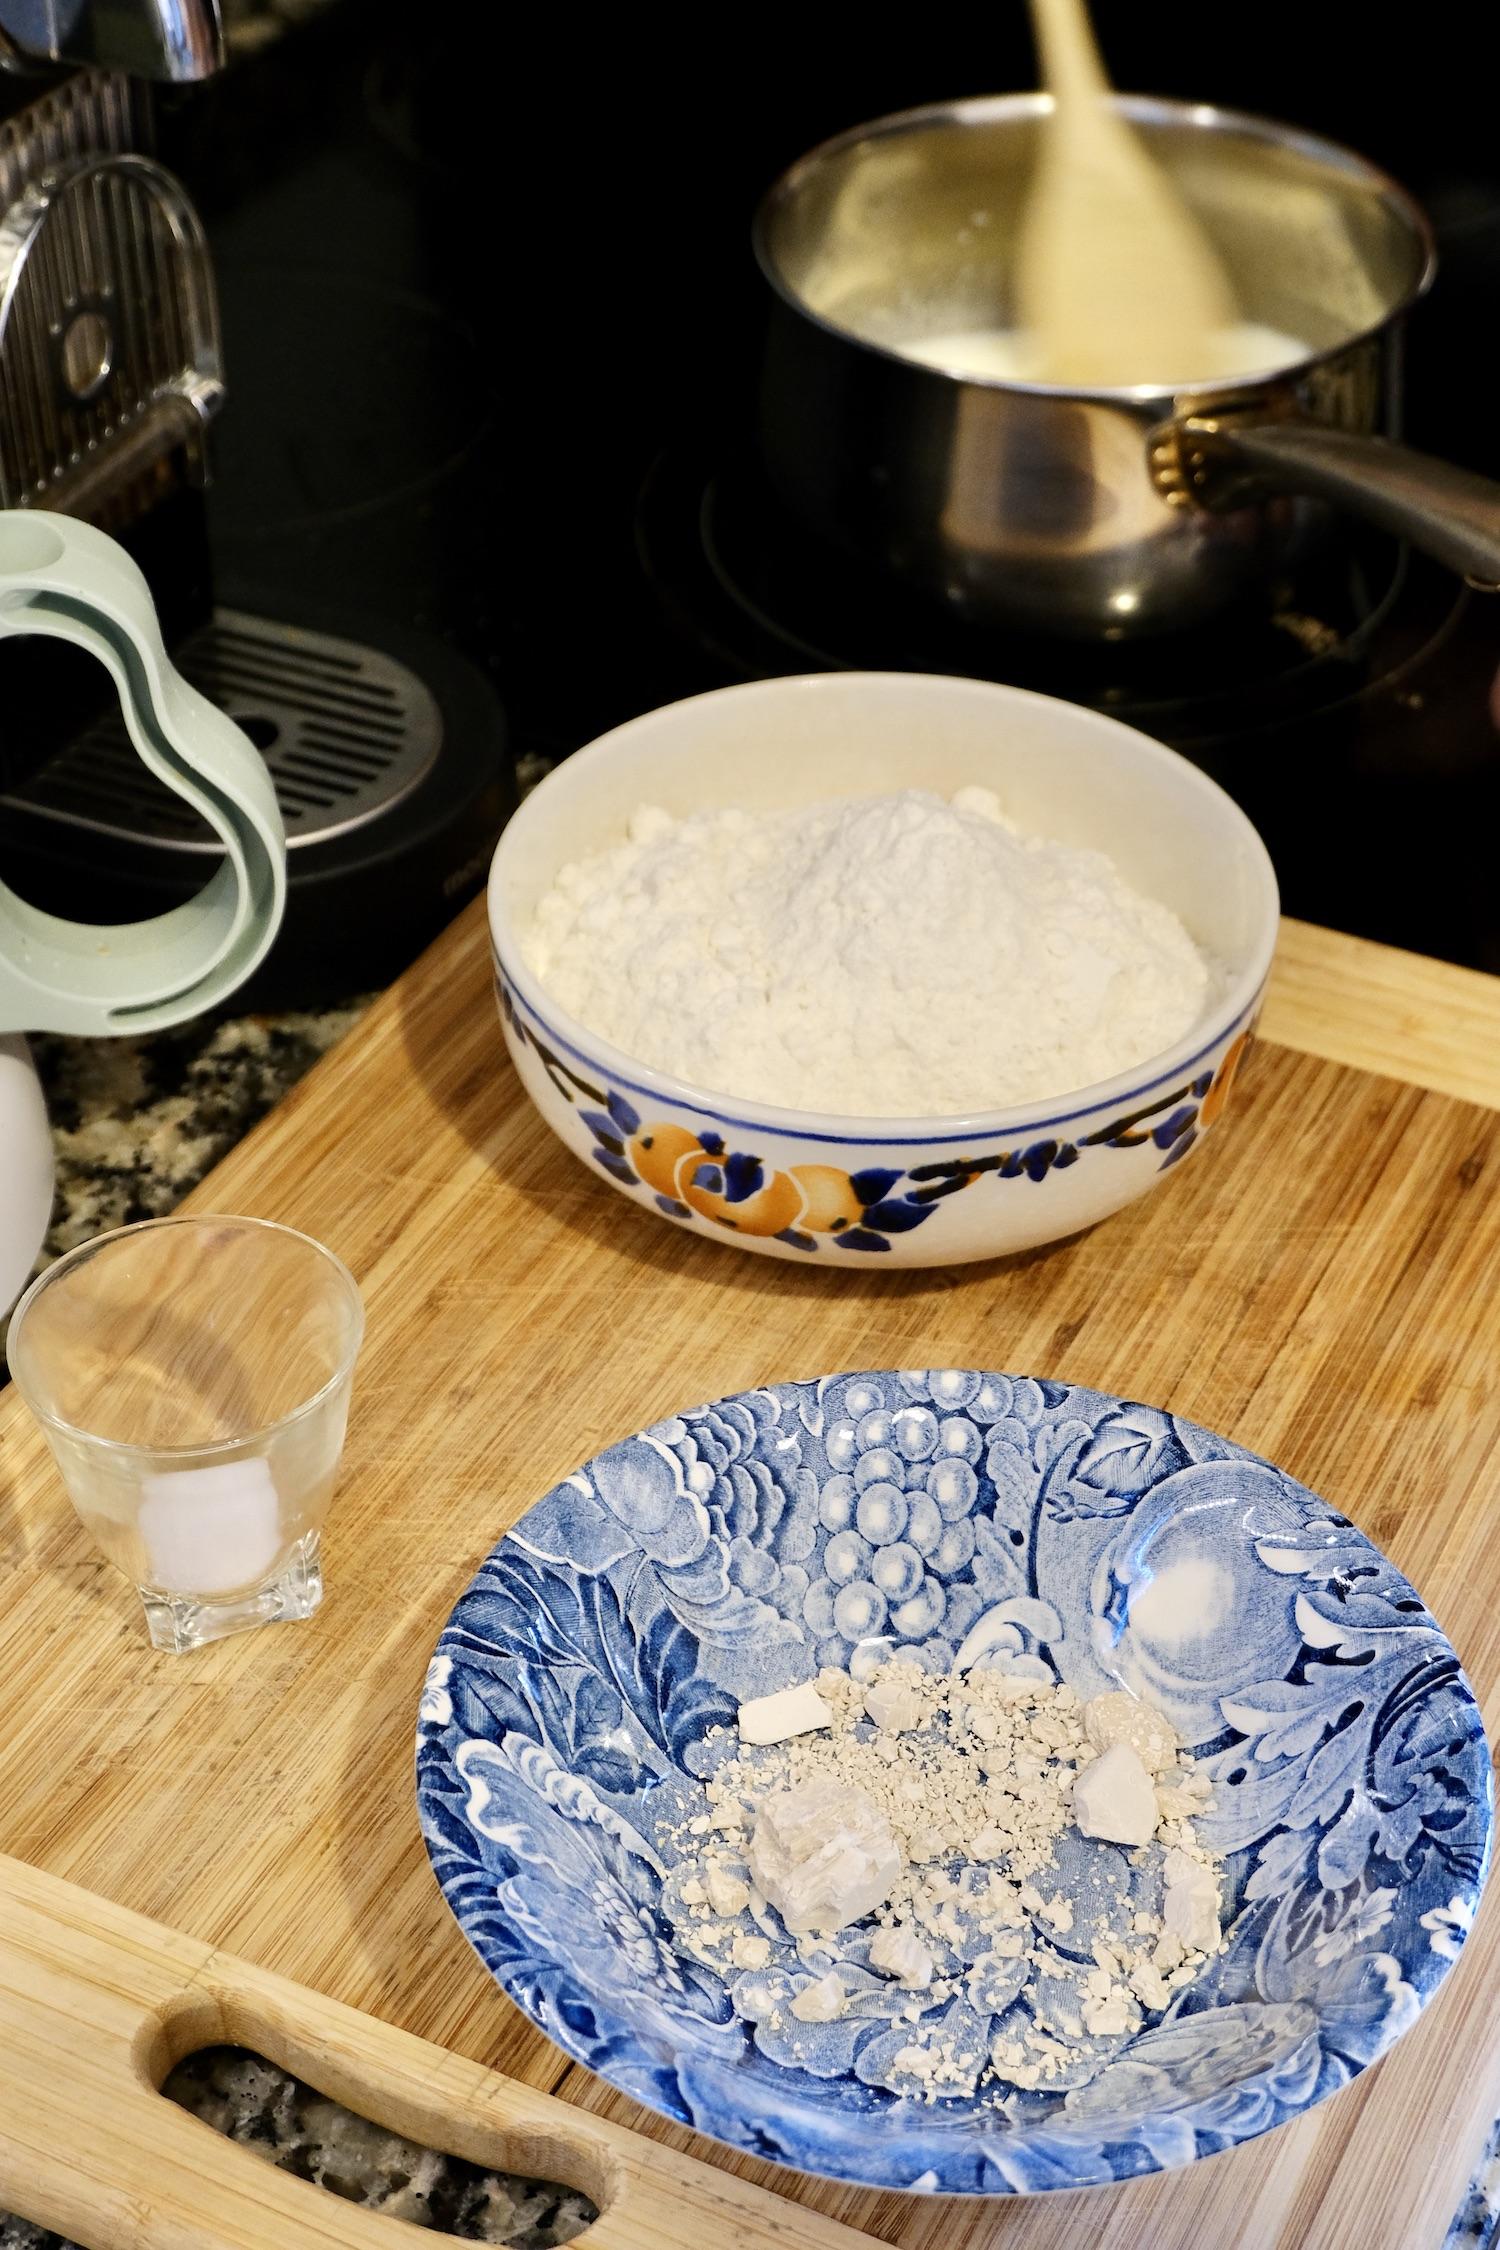 Brioche bun dry ingredients